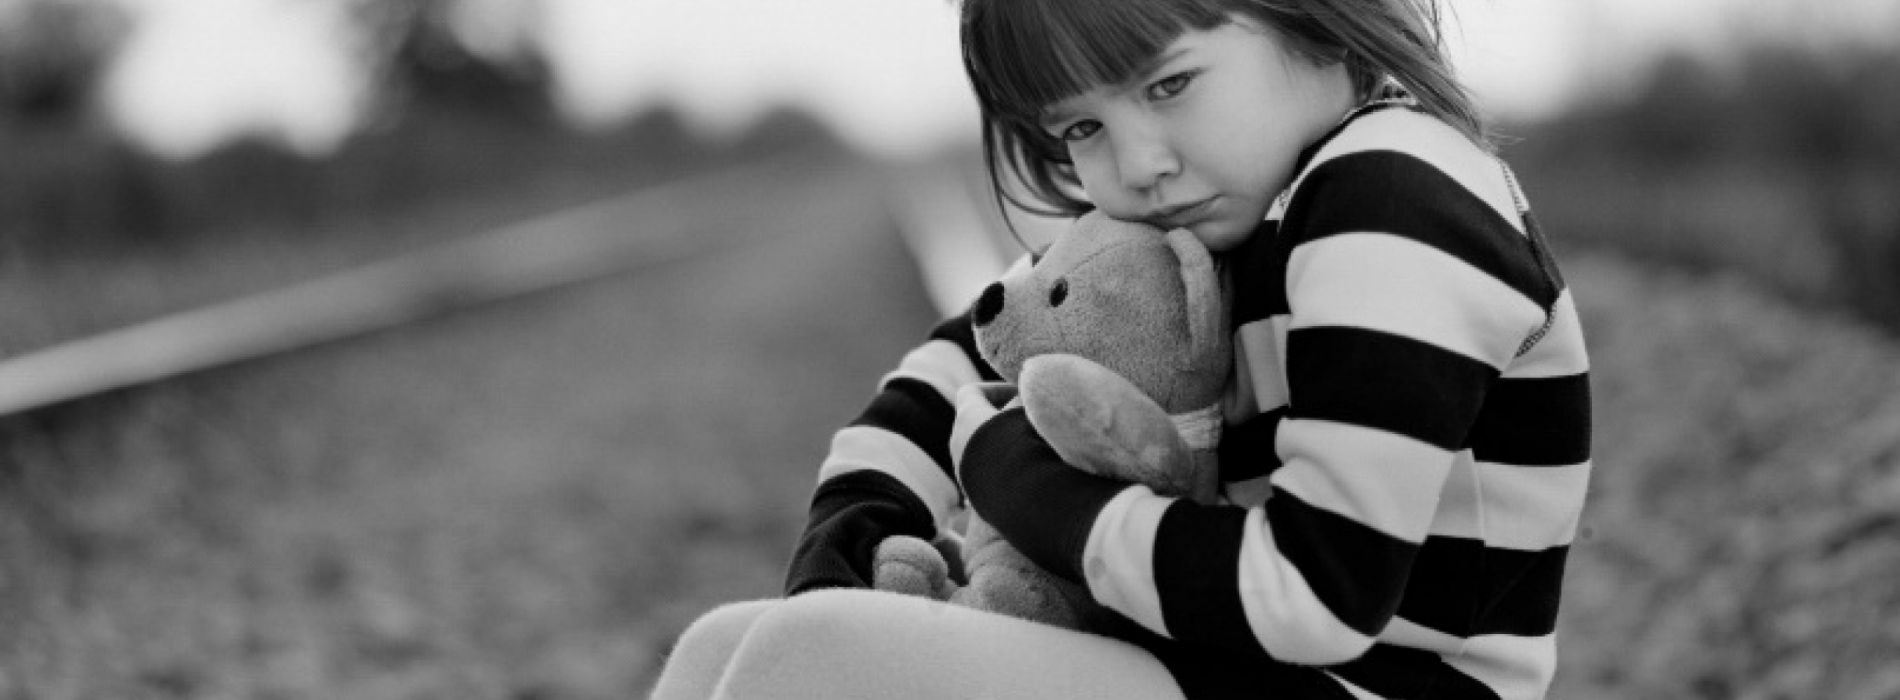 Jelentés a gyermekek jogellenes elvitelének vizsgálatáról